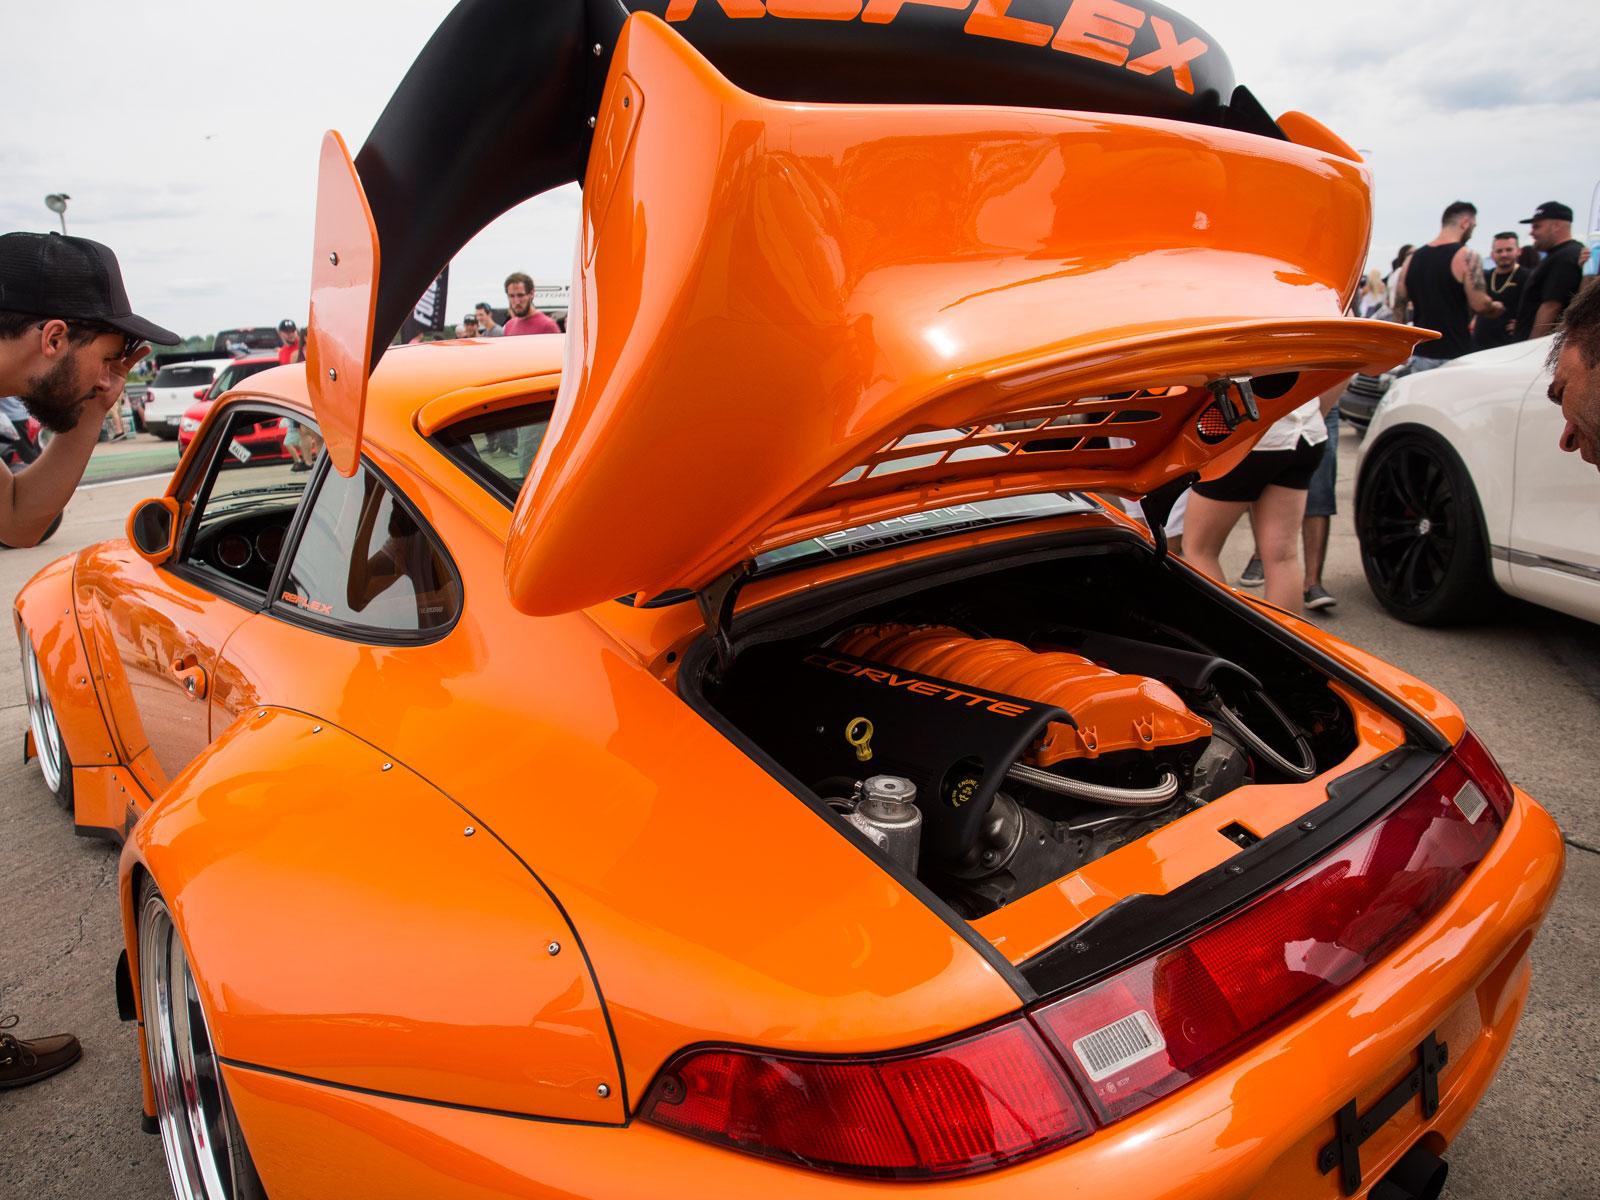 porsche3 Exciting Porsche 911 Gt2 La Centrale Cars Trend